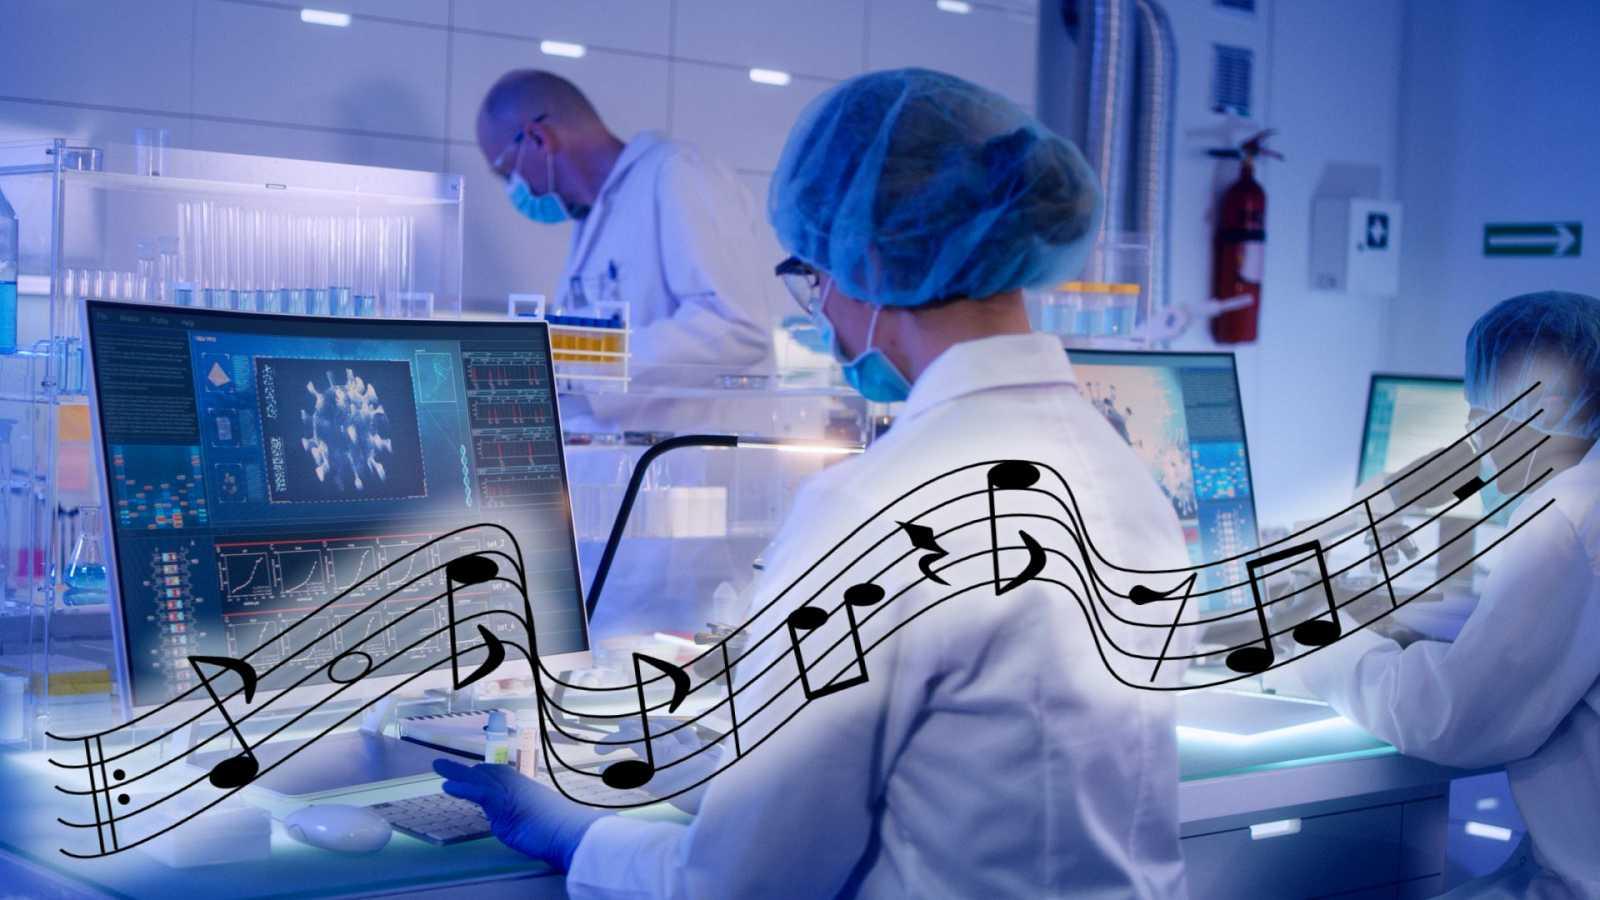 Cinco pistas - La música habla de ciencia - 04/11/20 - escuchar ahora